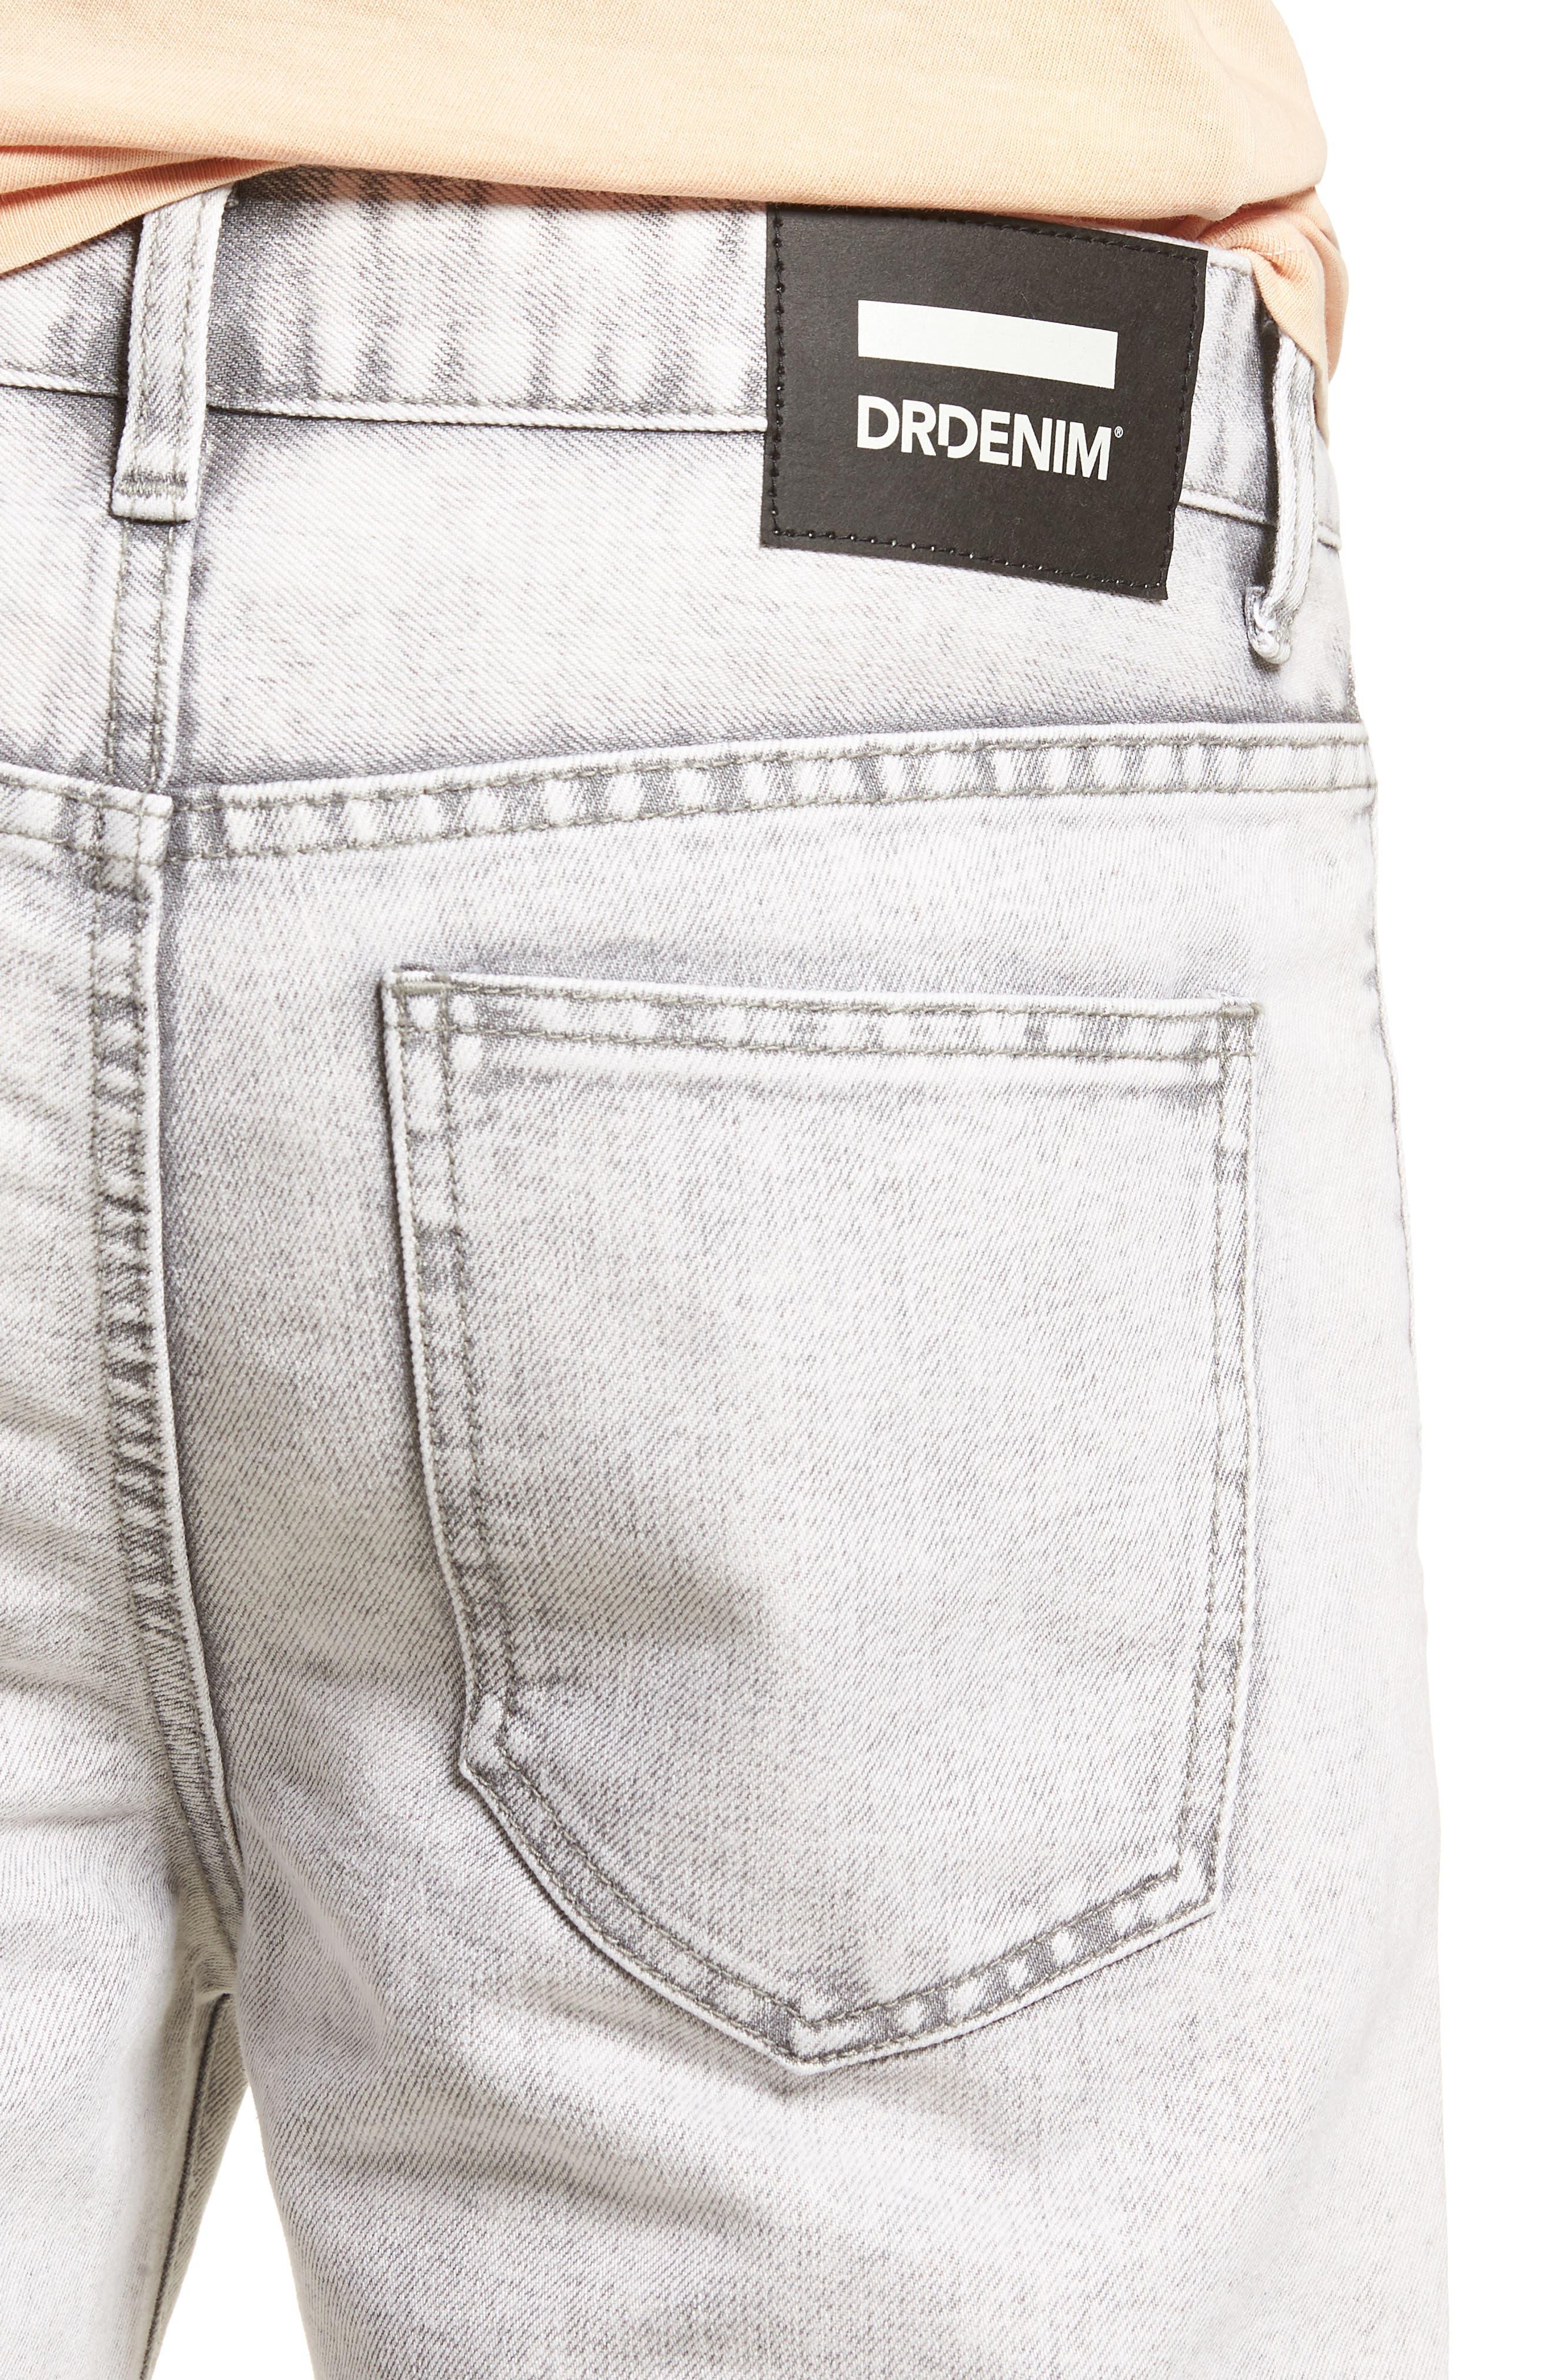 Dr. Denim Jeansmaker Otis Straight Fit Jeans,                             Alternate thumbnail 4, color,                             Dirty White